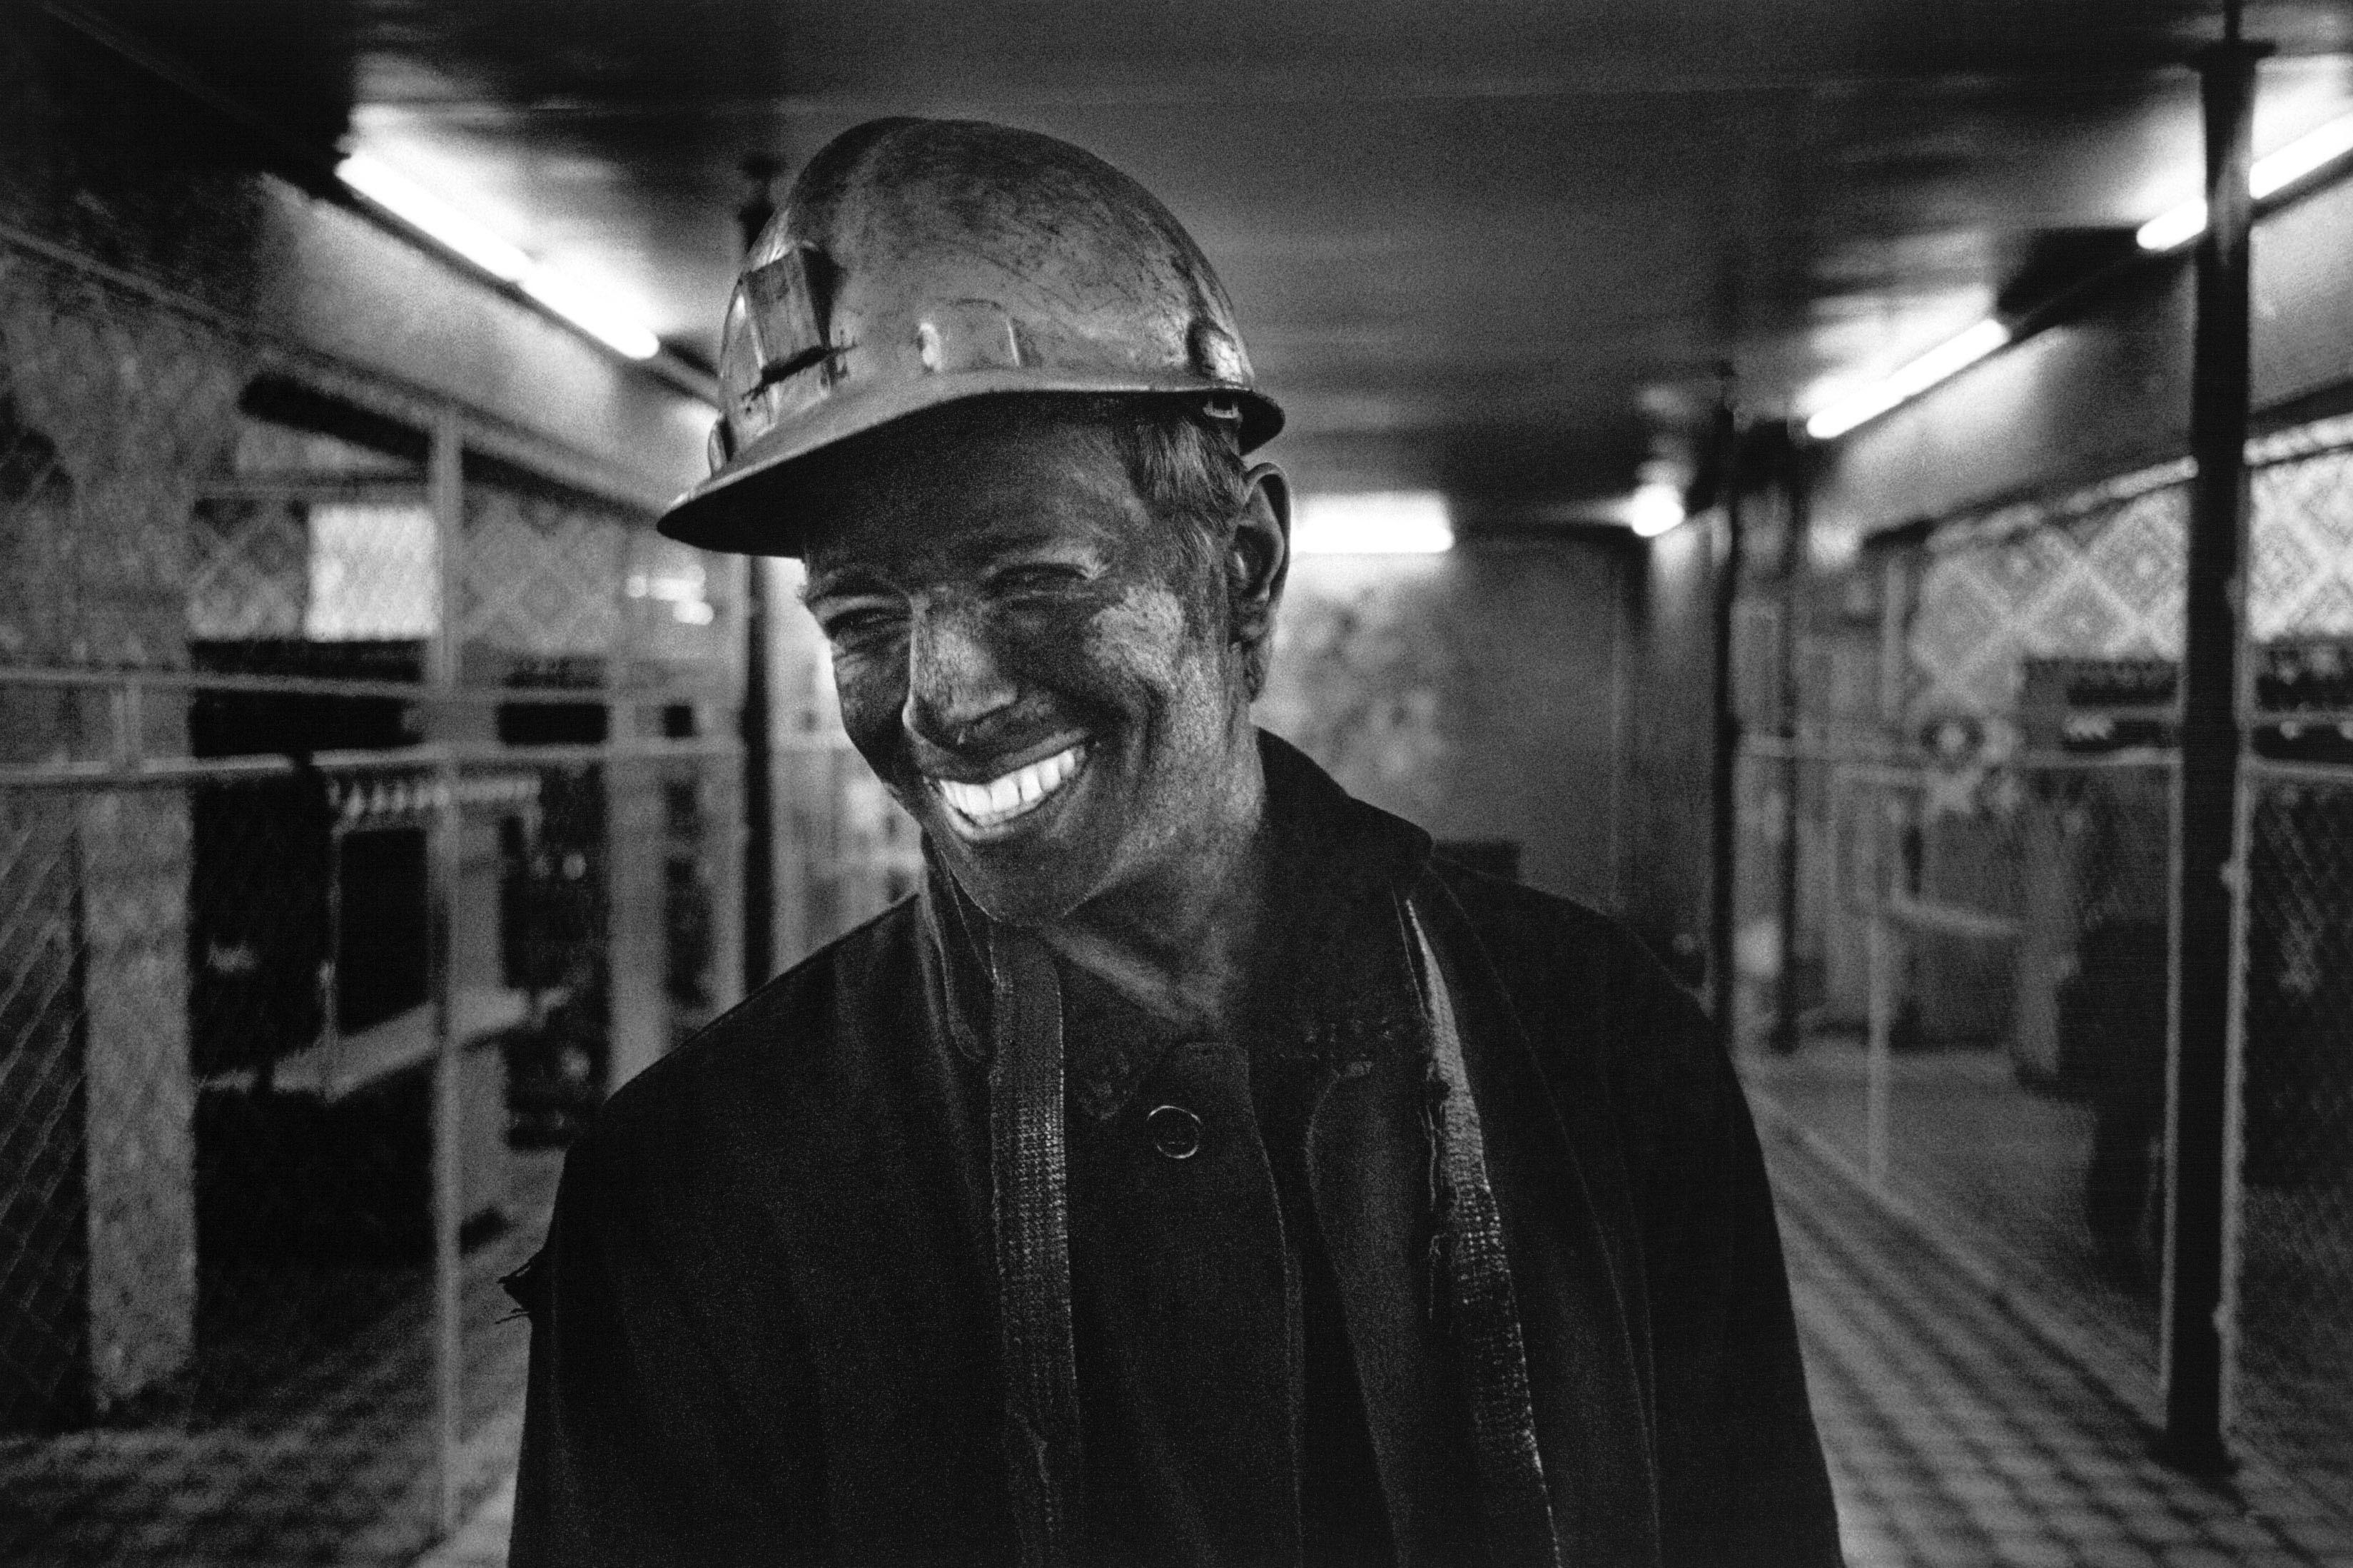 Фото черно белое принадлежности шахтеров